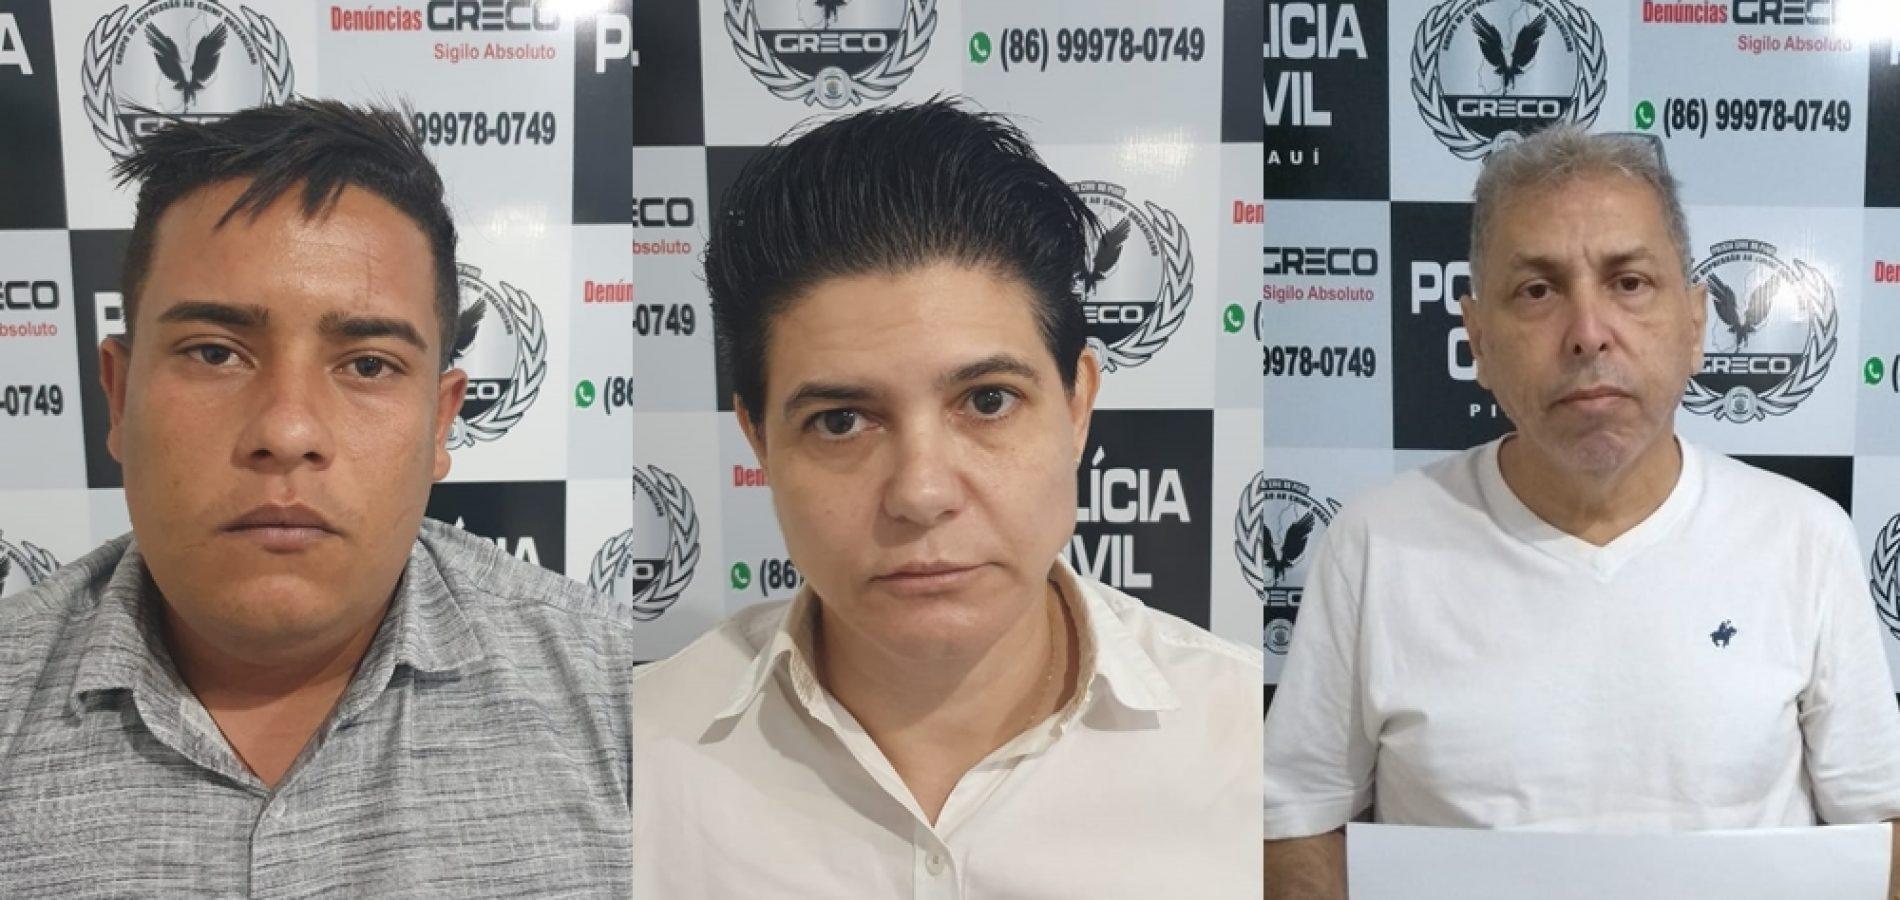 Juiz decreta preventiva de acusados de aplicar golpes bancários no Piauí